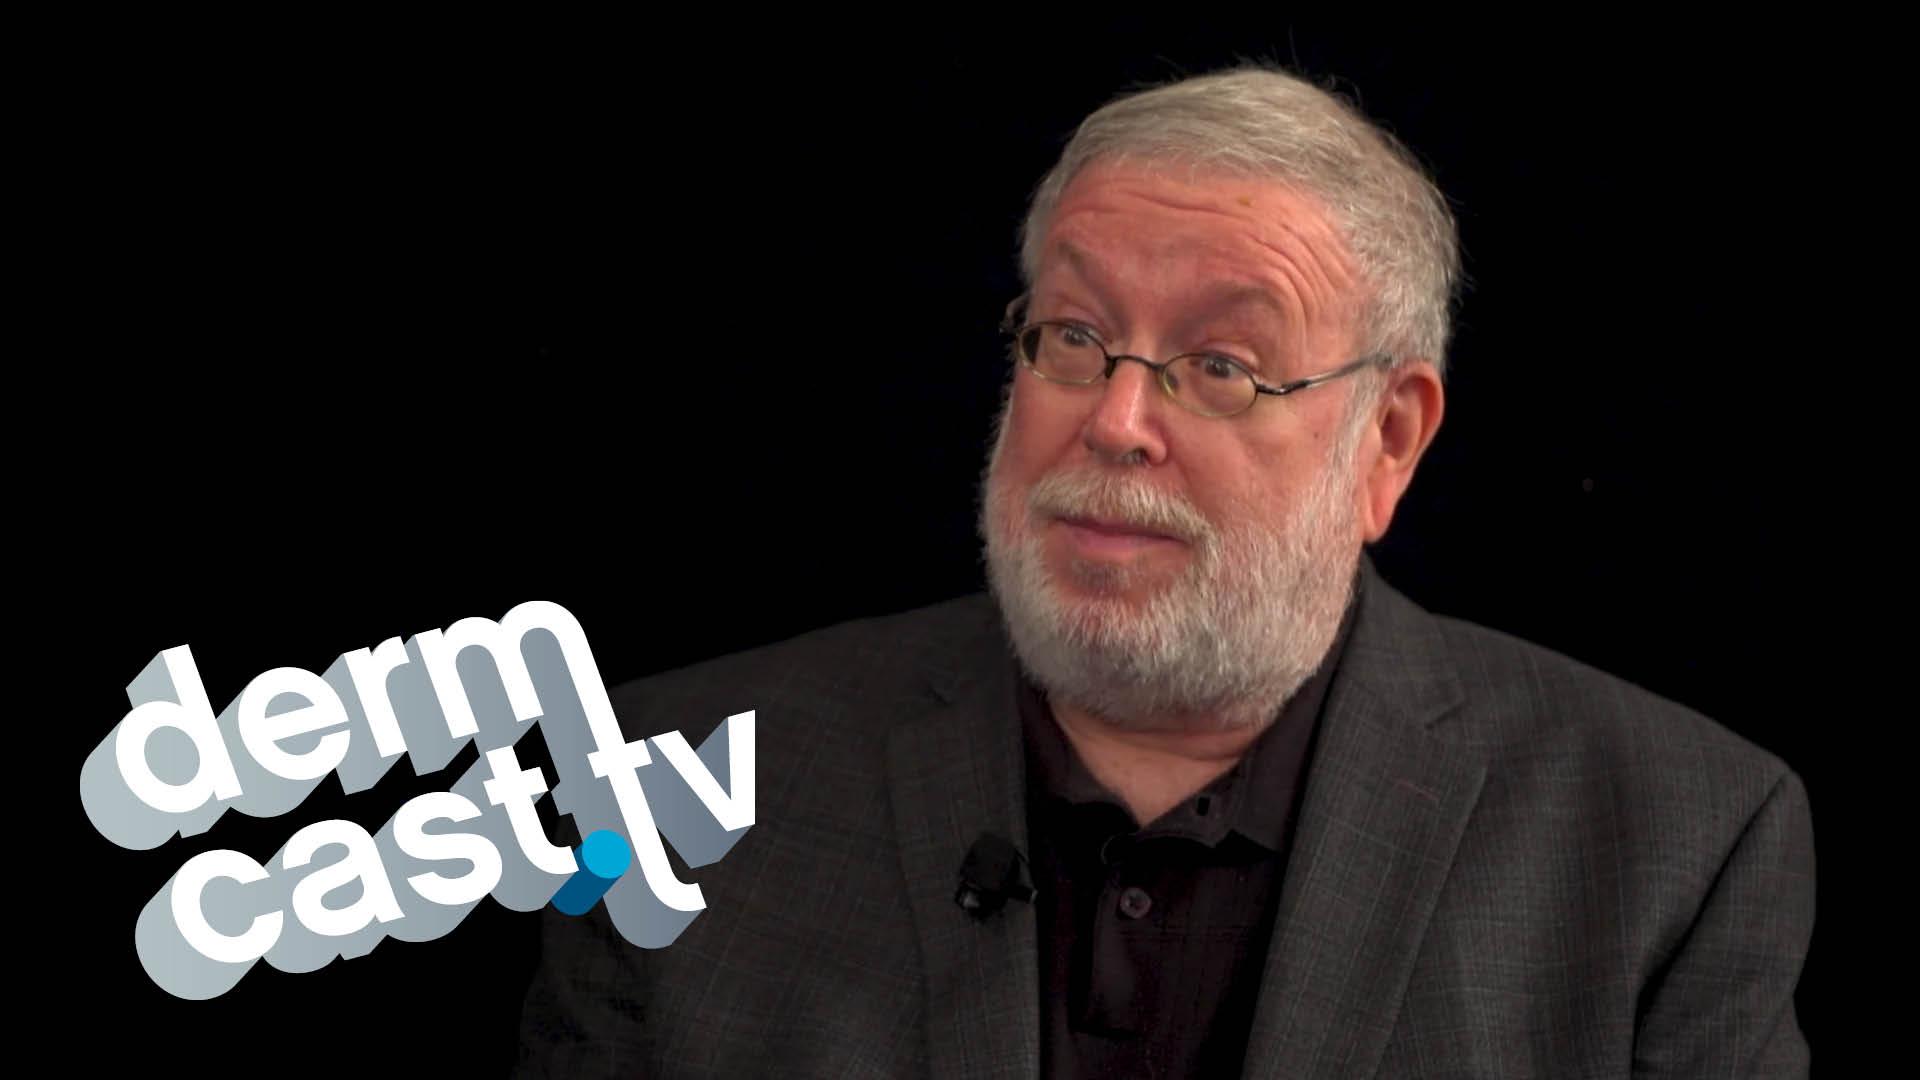 Ted Rosen